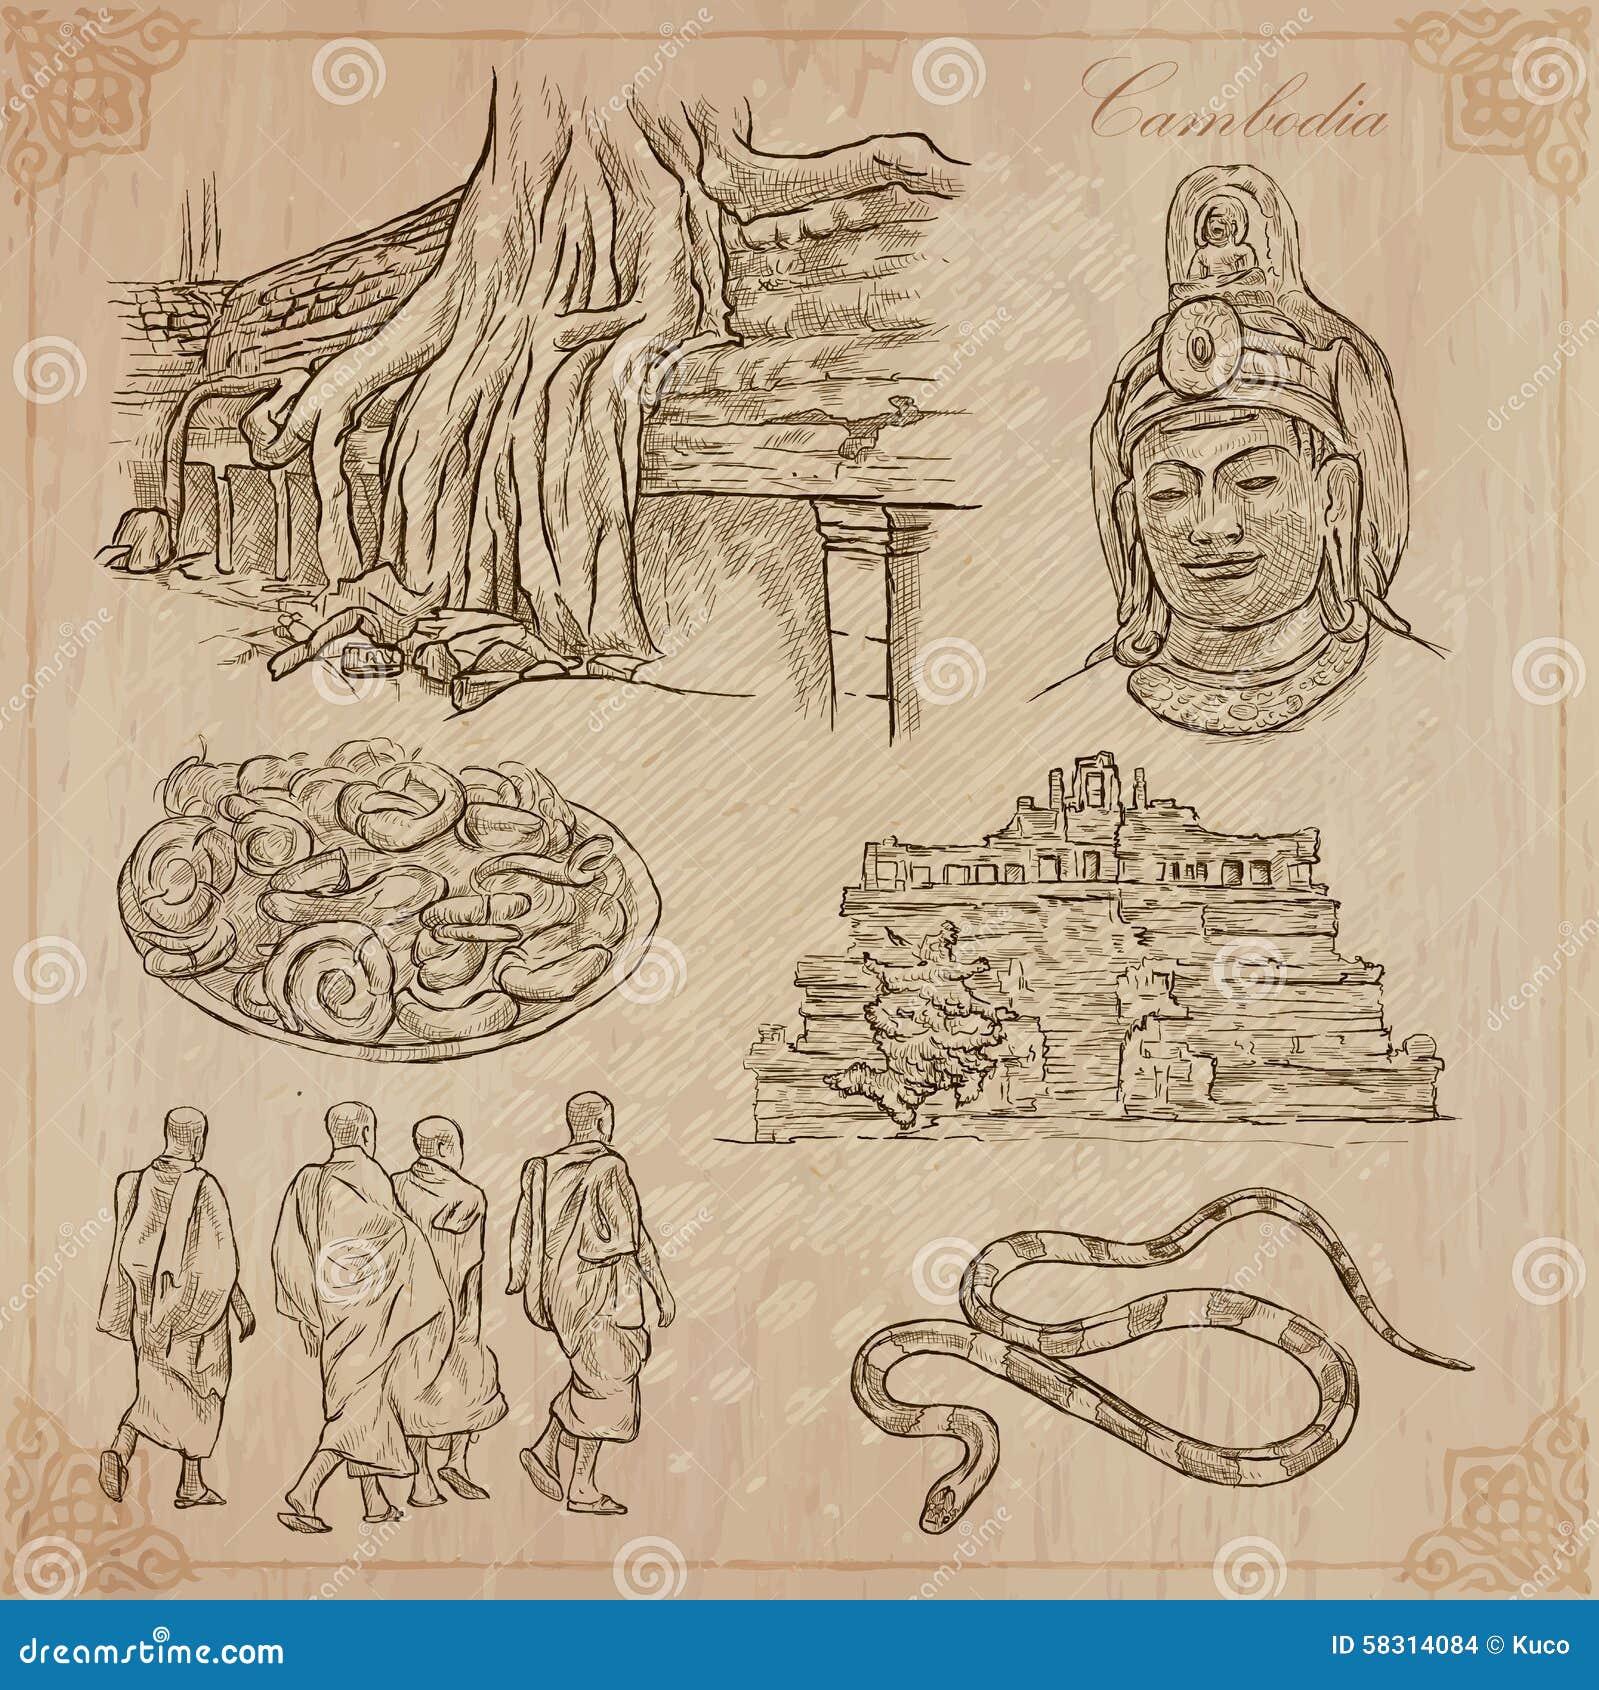 Koninkrijk van Kambodja - Hand getrokken vectorpak